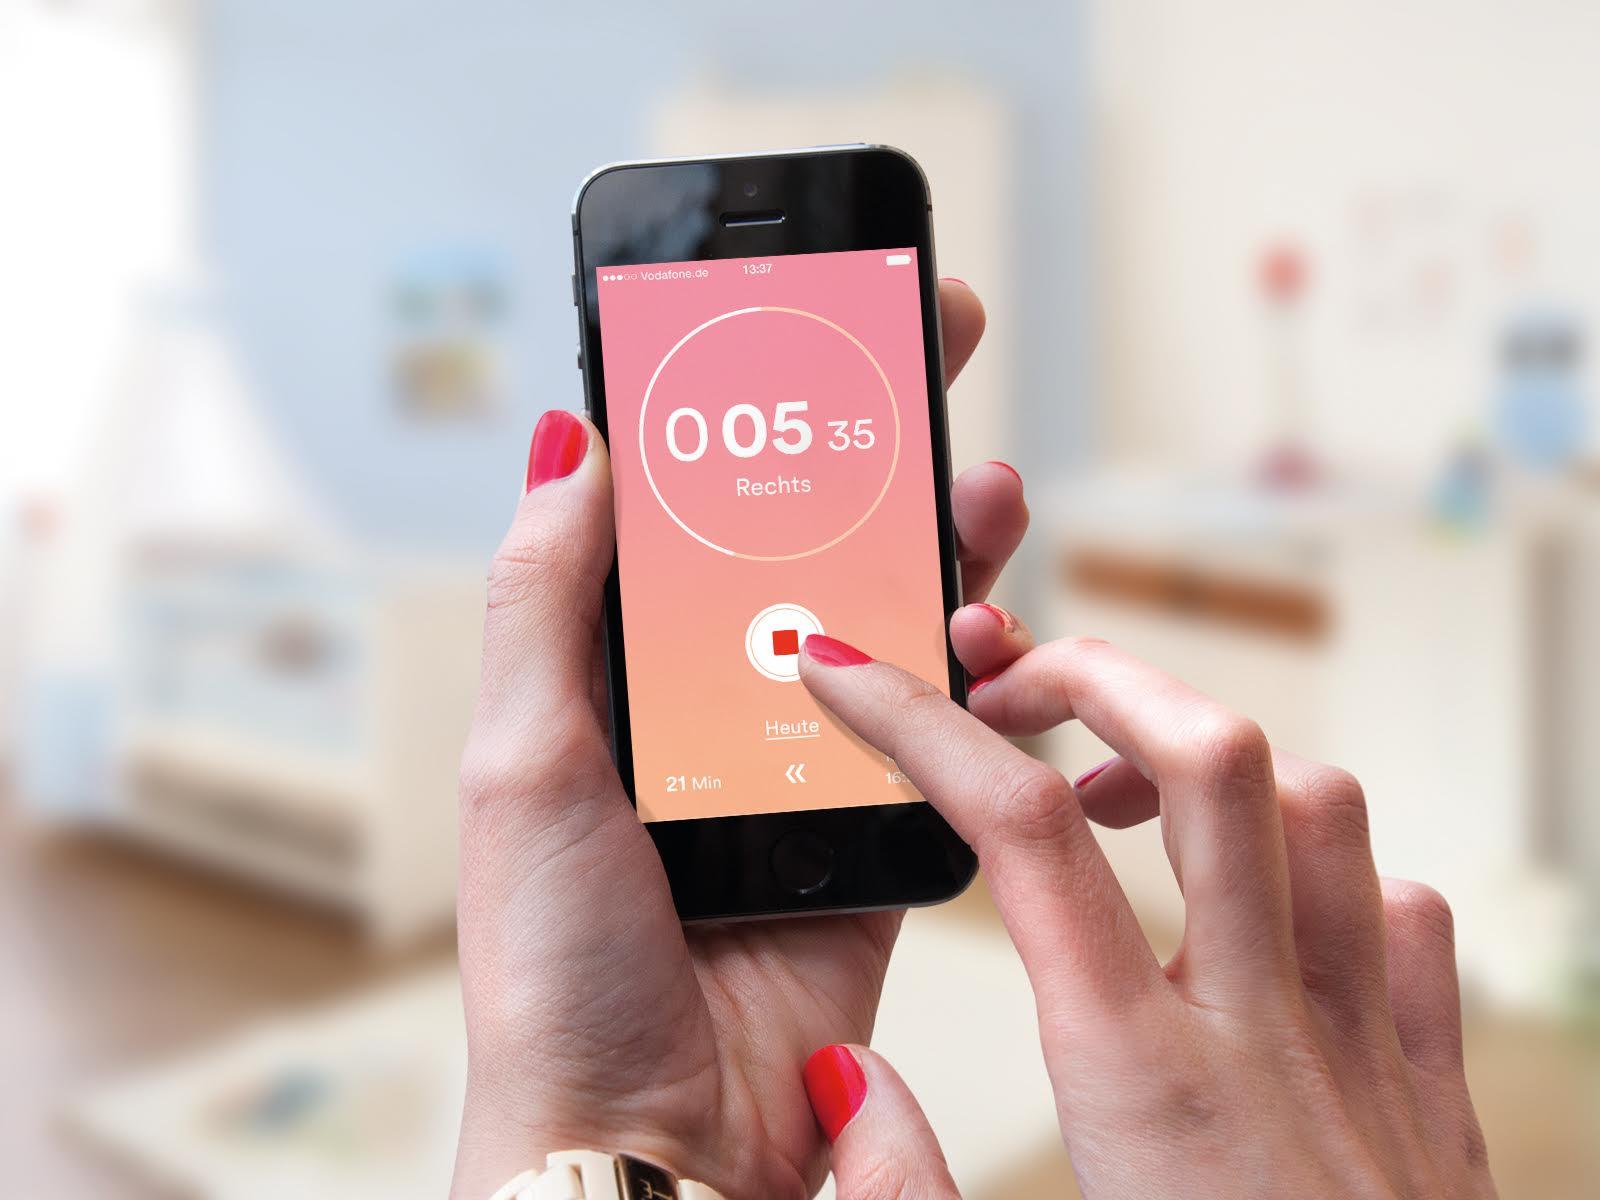 Gerade Mutter/Eltern geworden? Kostenlose App fürs Stillen